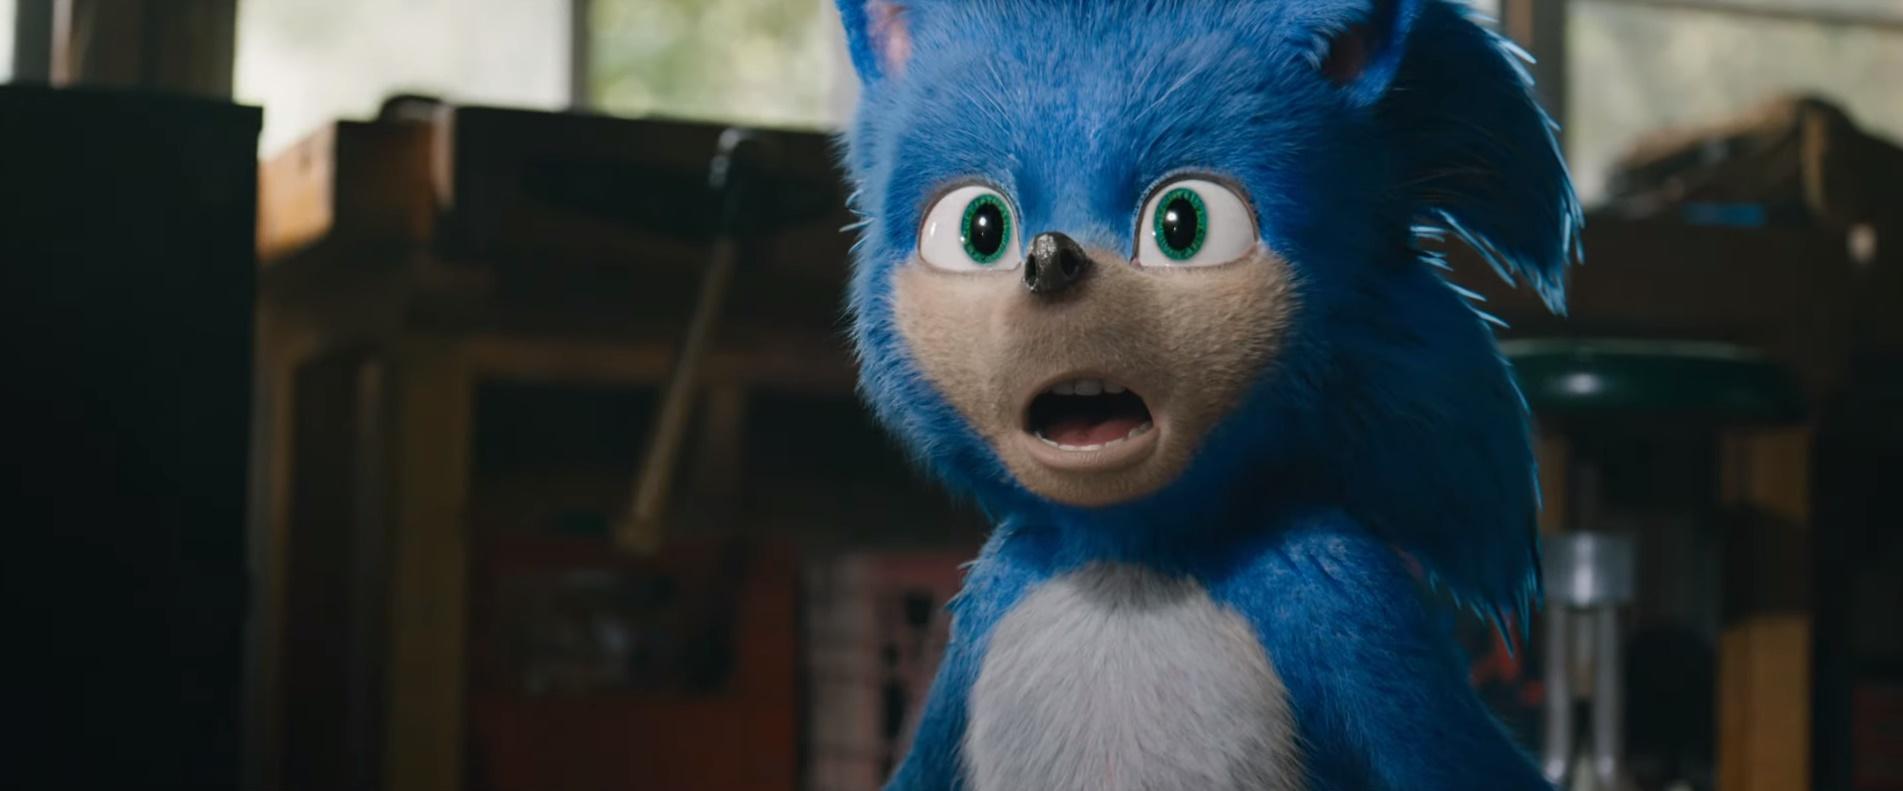 Longa live-action do Sonic é adiado após críticas ao visual do personagem; saiba detalhes>